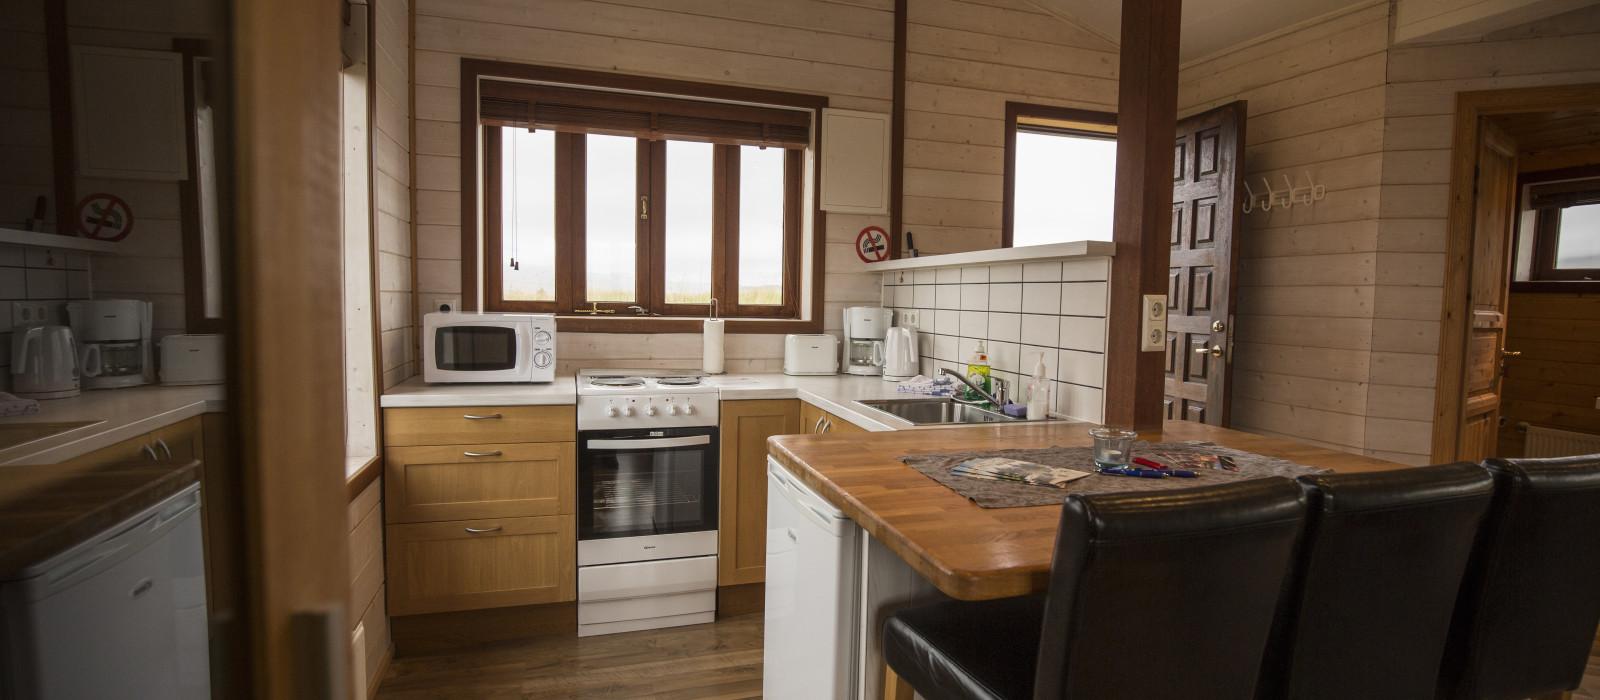 Hotel Hestasport Cottages Iceland